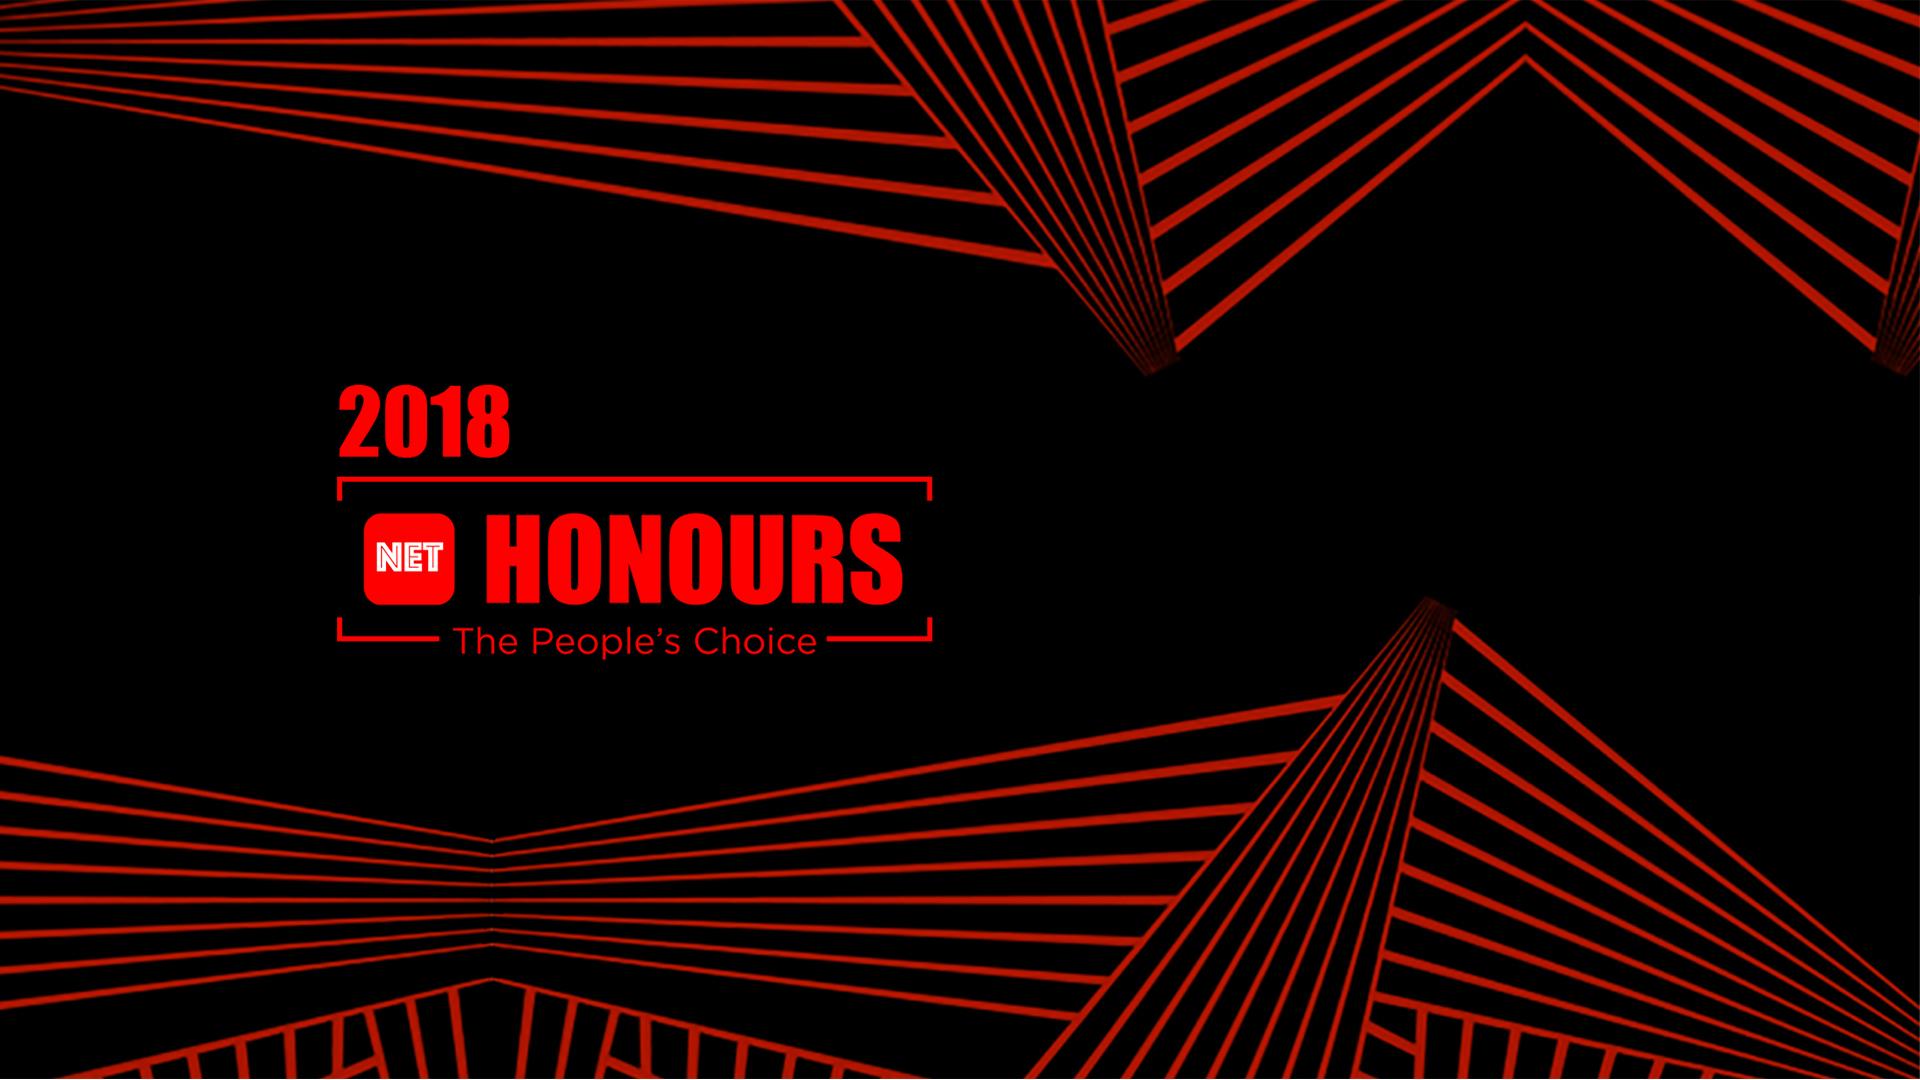 NET Honours 2018